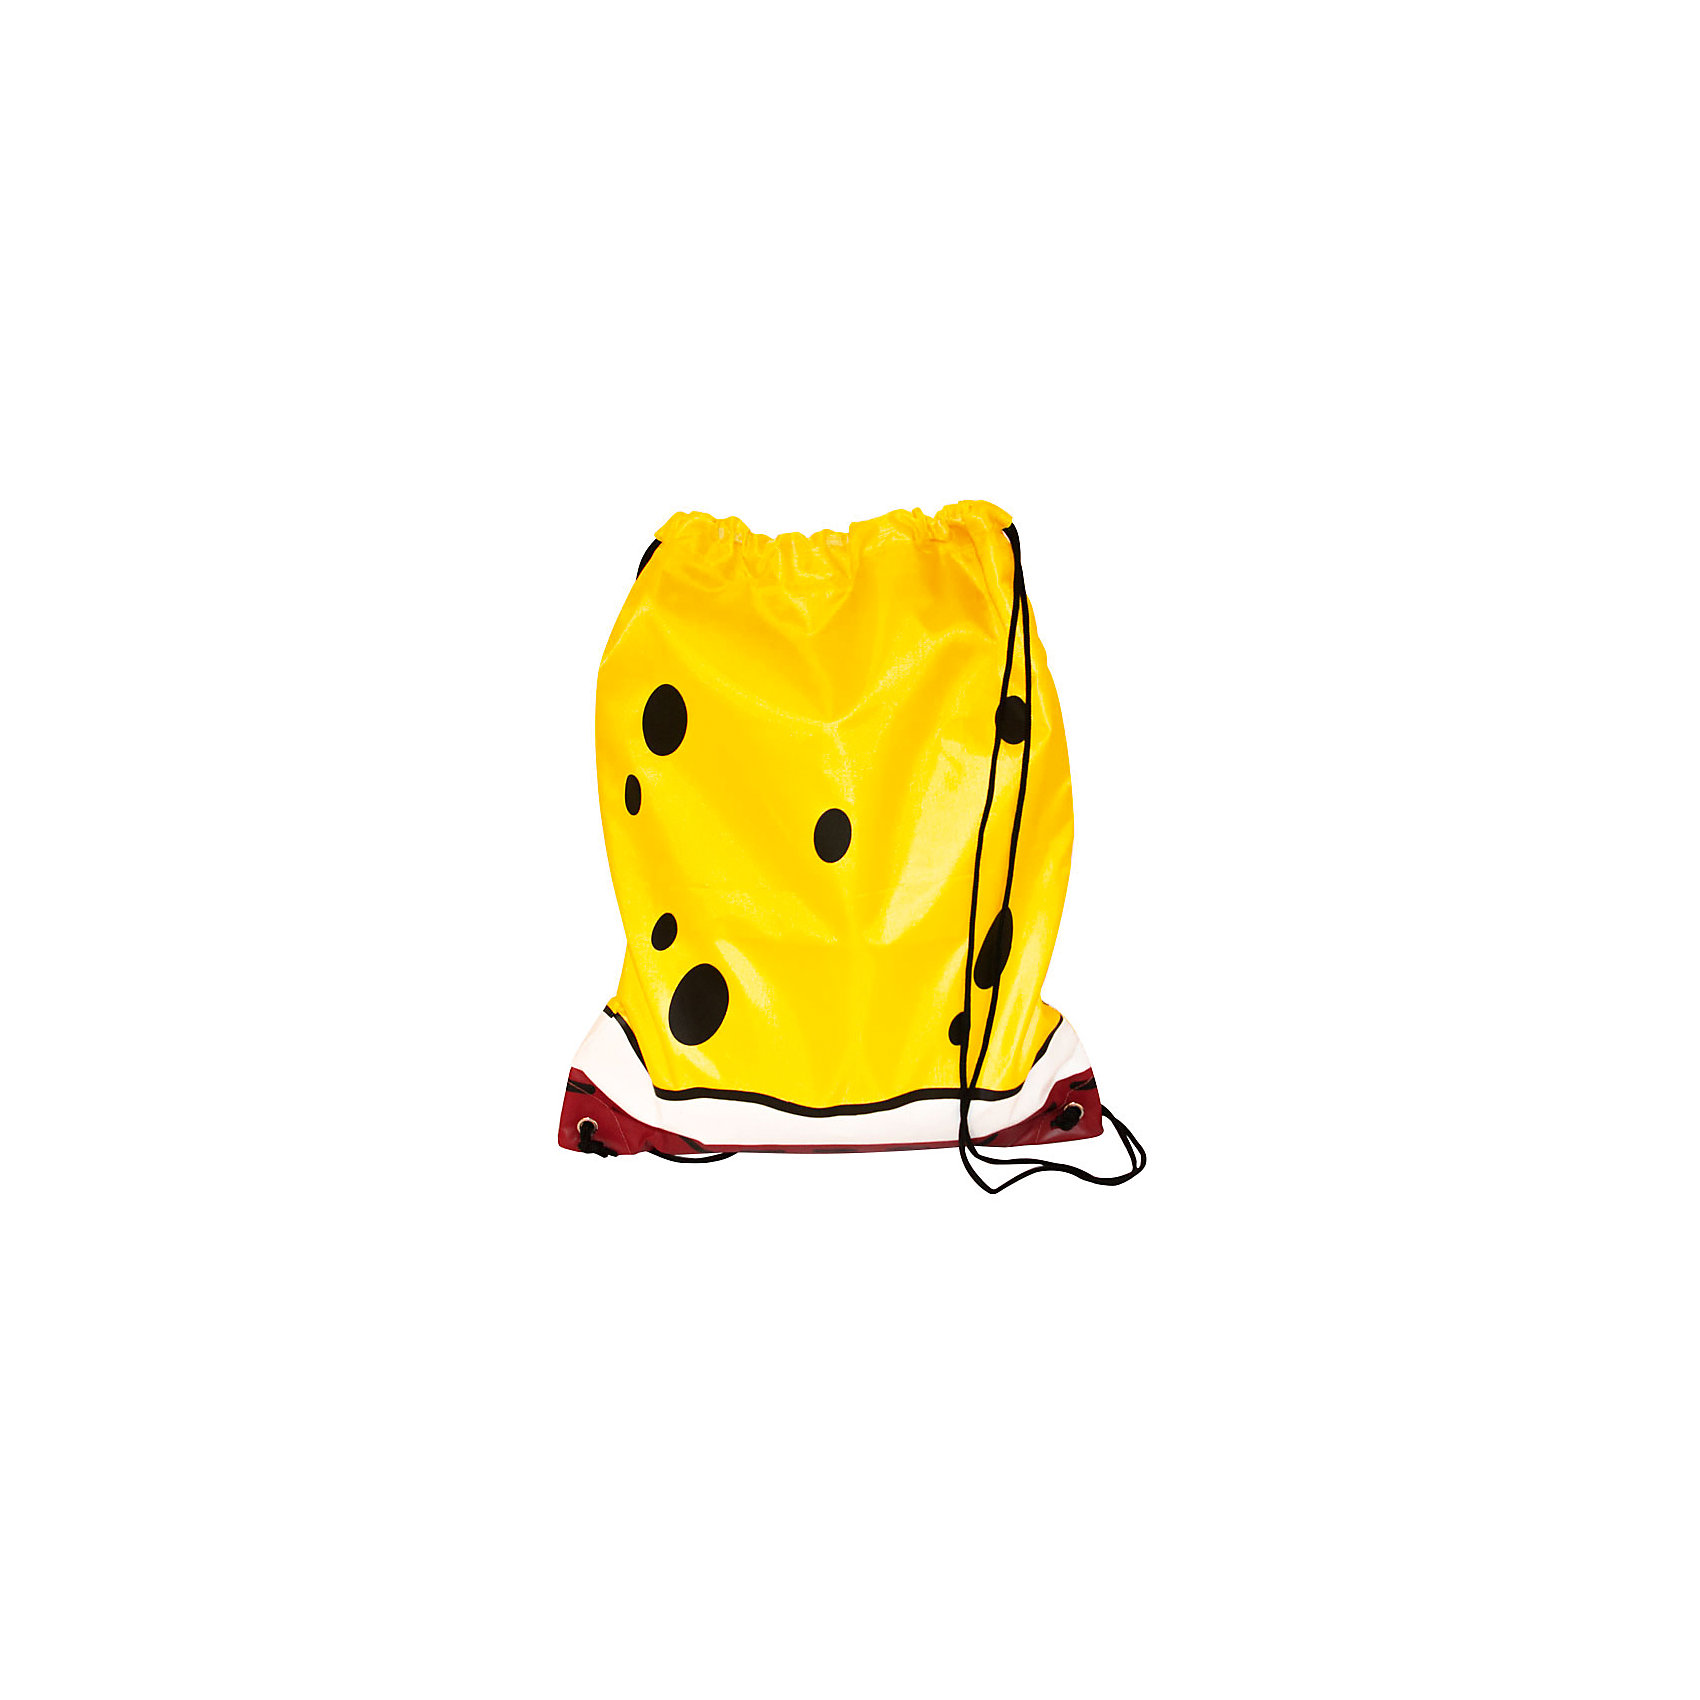 Мешок для обуви Губка БобМешок для обуви Губка Боб от бренда Gulliver<br><br>Очень симпатичный и удобный мешок для обуви позволит ребенку с комфортом носить сменку или кроссовки. Он декорирован изображением любимого детьми героя мультфильма - Губки Боба. Выглядит очень стильно.<br>На боку у мешка есть небольшой кармашек на молнии. Сам он застегивается с помощью шнурка. Выполнен мешок из плотной непромокаемой ткани.<br><br>Особенности изделия:<br><br>цвет: желтый;<br>материал: водонепроницаемая ткань;<br>размер: 35х0,5х45 см;<br>вес: 60 г.<br><br>Мешок для обуви Губка Боб от бренда Gulliver можно купить в нашем магазине<br><br>Ширина мм: 45<br>Глубина мм: 35<br>Высота мм: 1<br>Вес г: 100<br>Возраст от месяцев: 36<br>Возраст до месяцев: 96<br>Пол: Унисекс<br>Возраст: Детский<br>SKU: 4665222